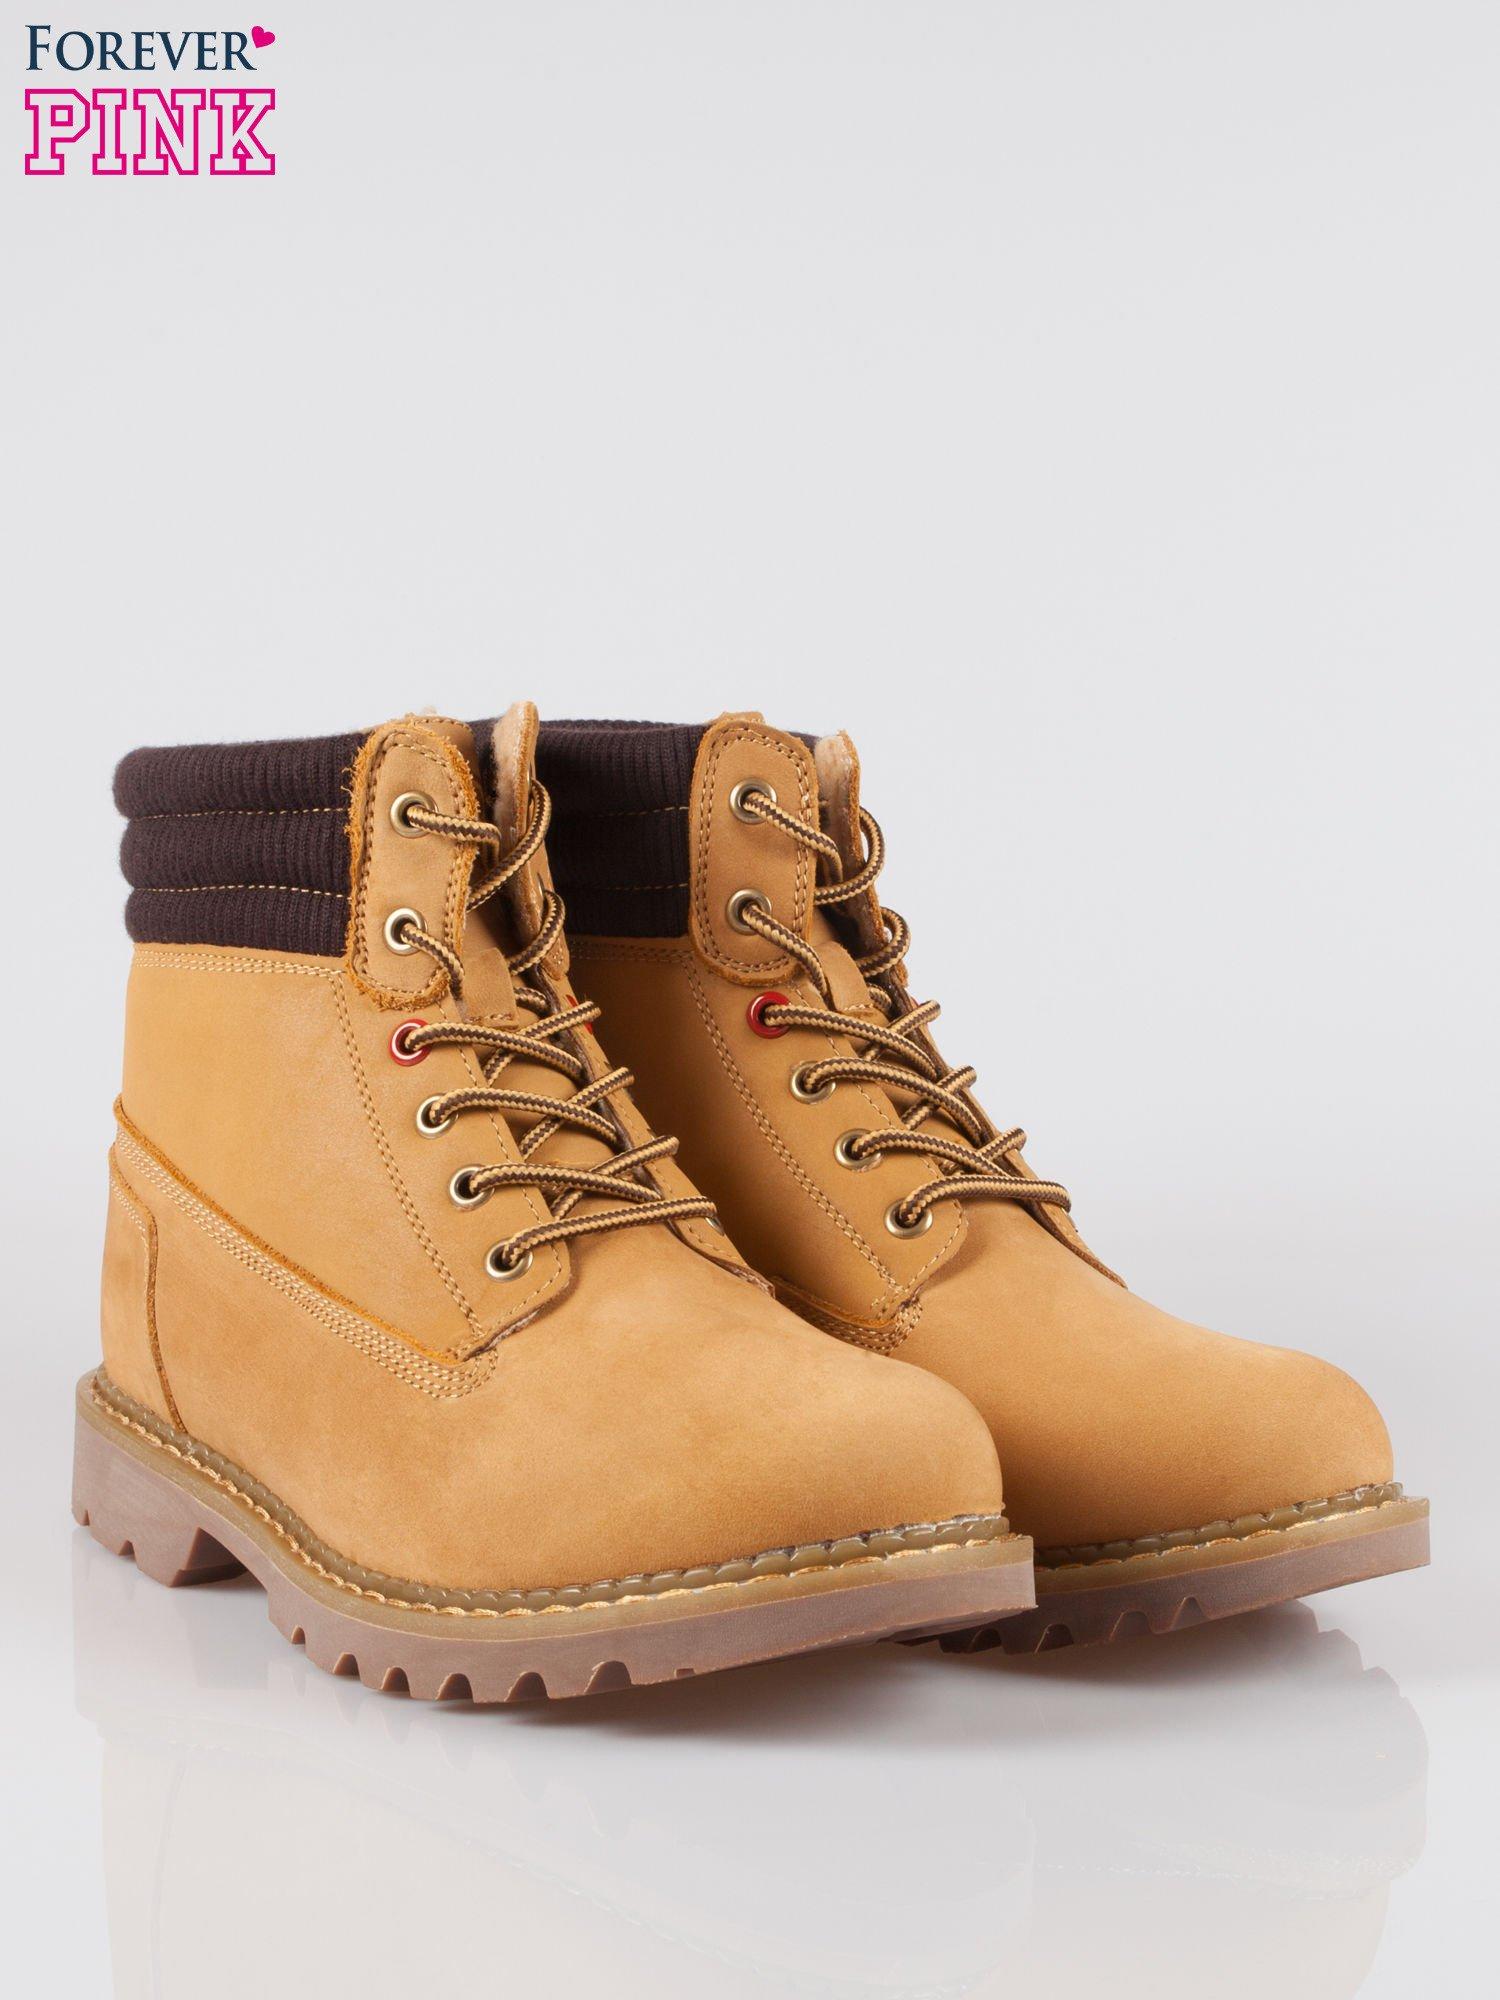 Camelowe buty trekkingowe traperki damskie z elastycznym kołnierzem ze skóry naturalnej                                  zdj.                                  2